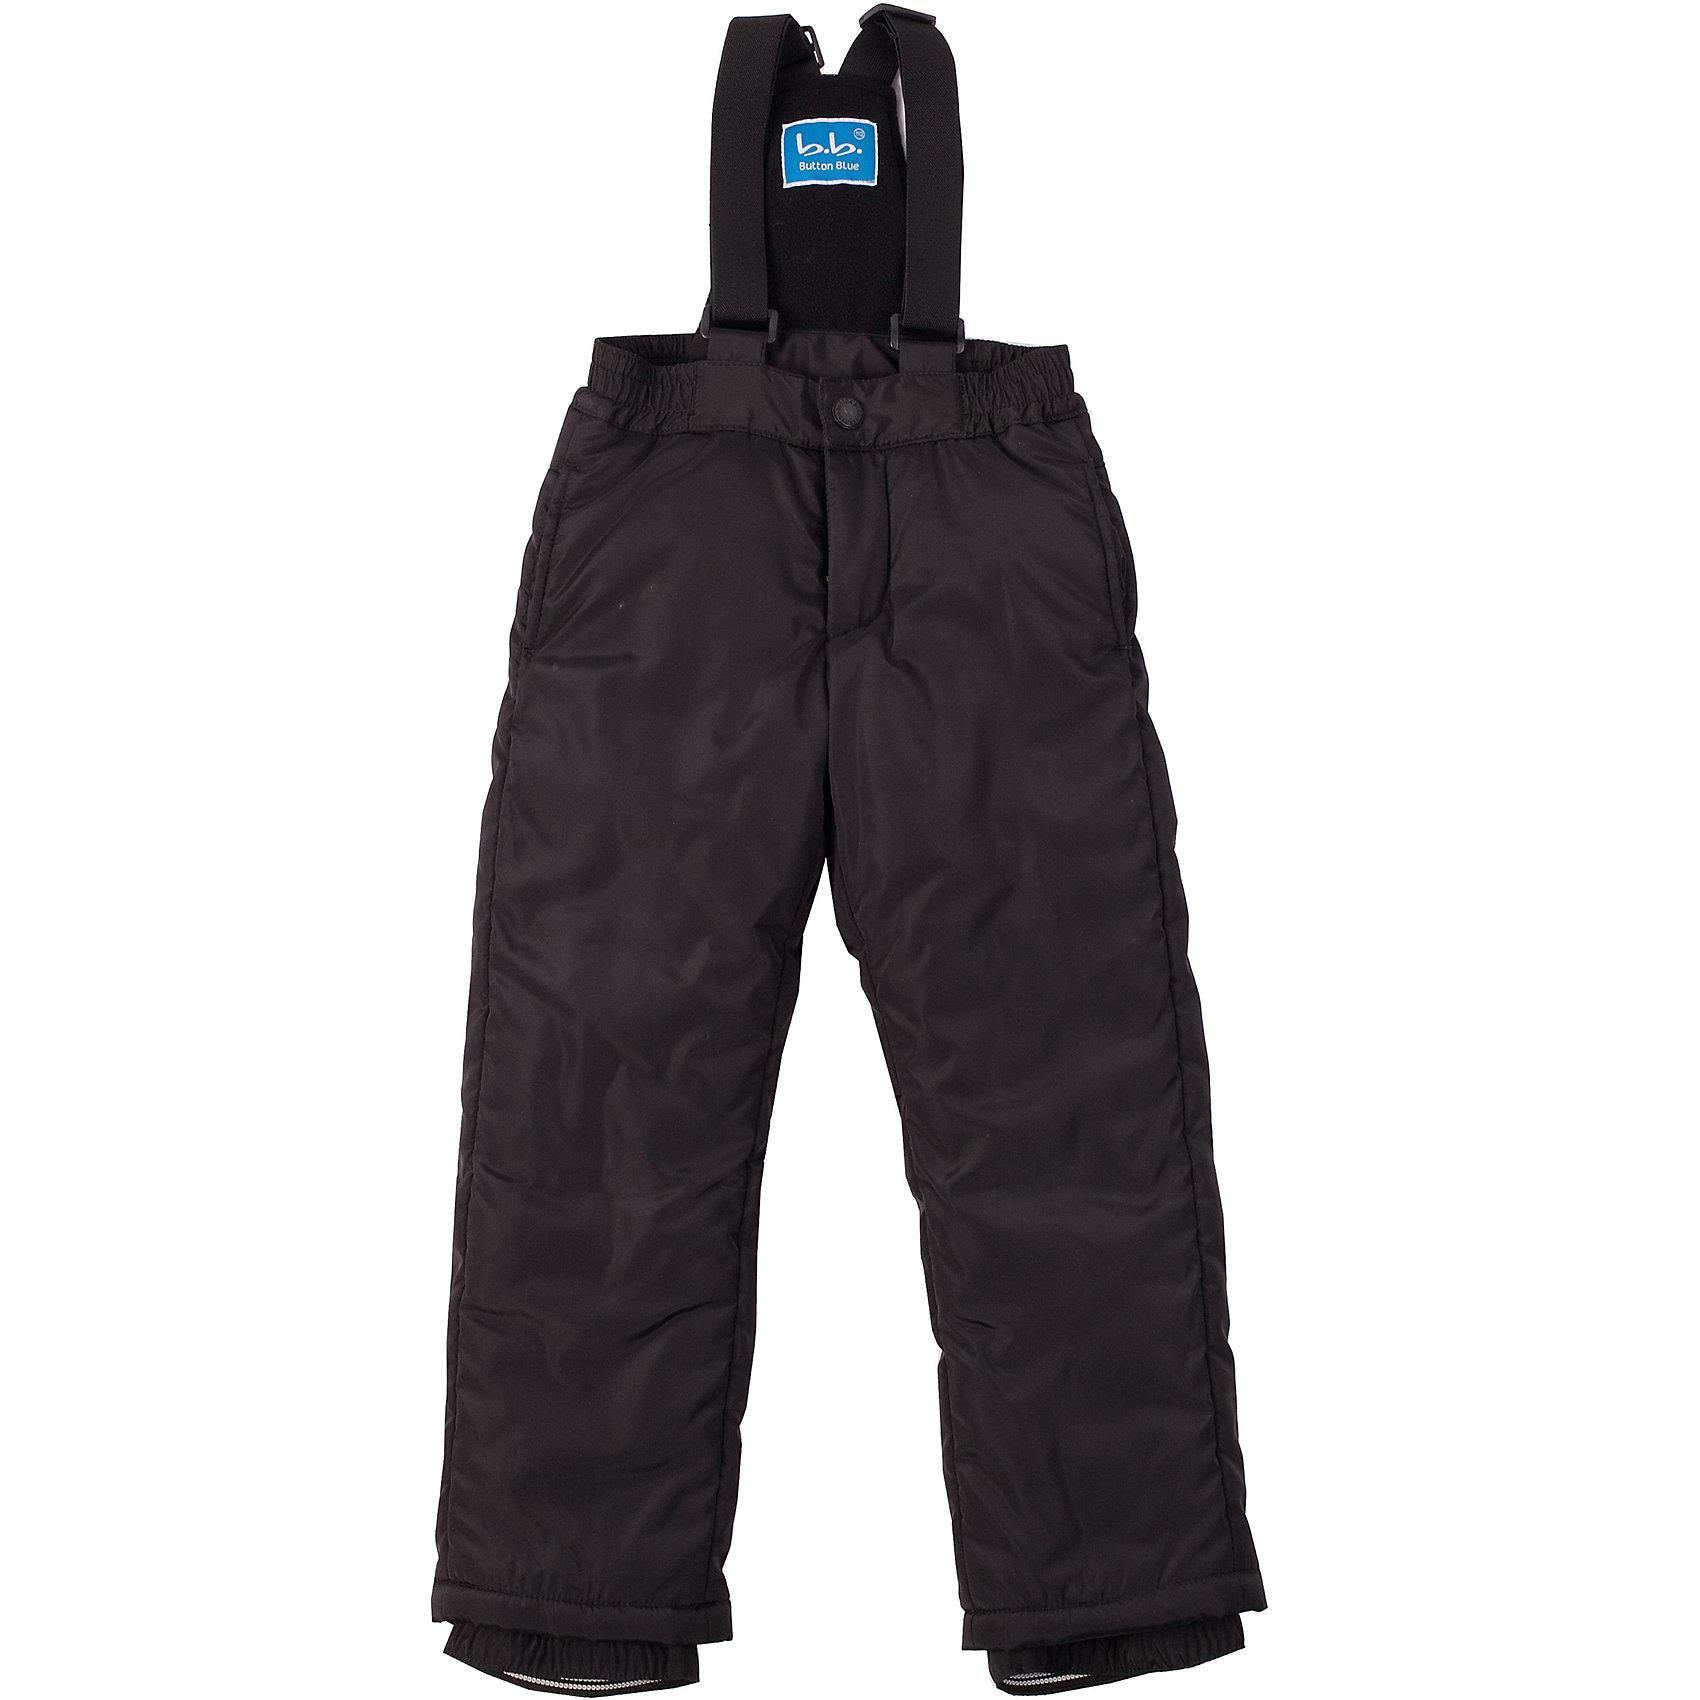 Полукомбинезон для мальчика Button BlueПолукомбинезон из плащевого материала на синтепоне - основная модель прогулочного гардероба ребенка. Он обеспечит тепло и уют, защитив ребенка от холода и промокания. Верхняя часть подкладки комбинезона выполнена из комфортного флиса. Комбинезон имеет внутренние манжеты на резинке, обеспечивающие защиту от попадания снега в обувь.<br>Состав:<br>тк. верха:                        100%полиэстер,                           подкл.:  100%полиэстер утепл.:         100%полиэстер<br><br>Ширина мм: 215<br>Глубина мм: 88<br>Высота мм: 191<br>Вес г: 336<br>Цвет: черный<br>Возраст от месяцев: 108<br>Возраст до месяцев: 120<br>Пол: Мужской<br>Возраст: Детский<br>Размер: 122,152,158,110,104,140,98,128,116,134,146<br>SKU: 4226931